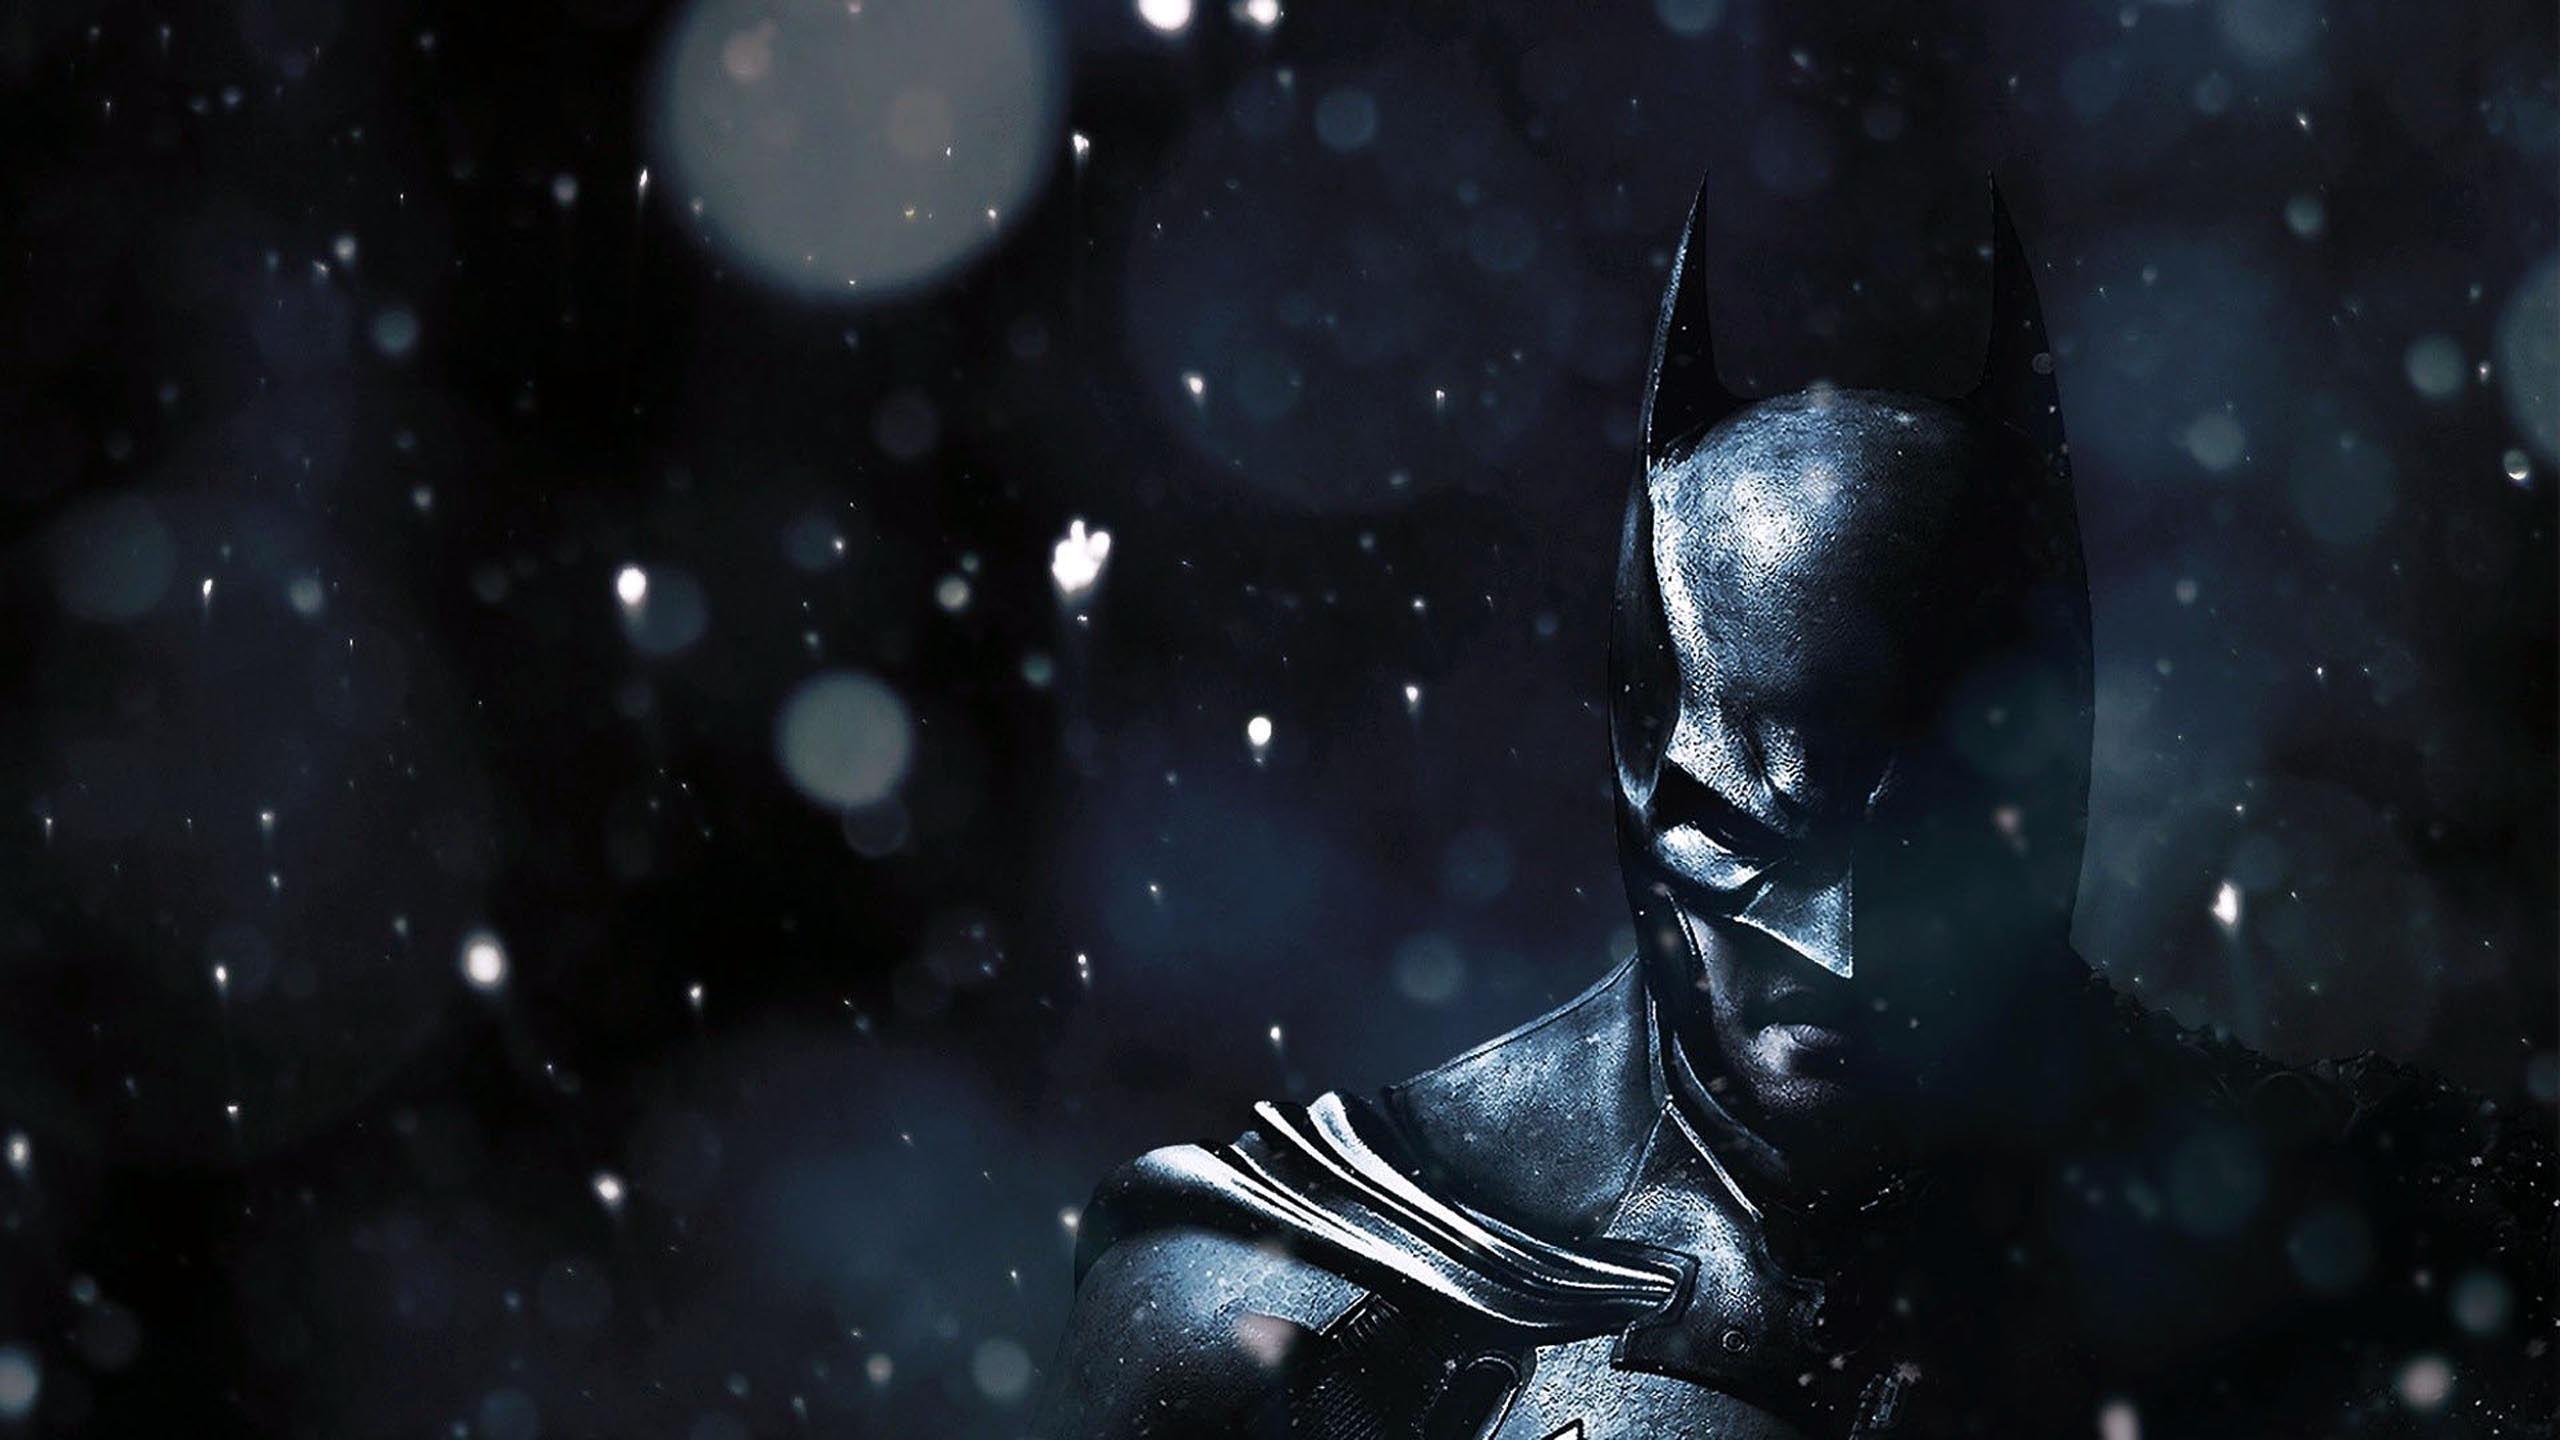 Batman Arkham Origins Game 1080 Hd Wallpaper Batman Arkham City Batman Arkham Origins Deathstroke